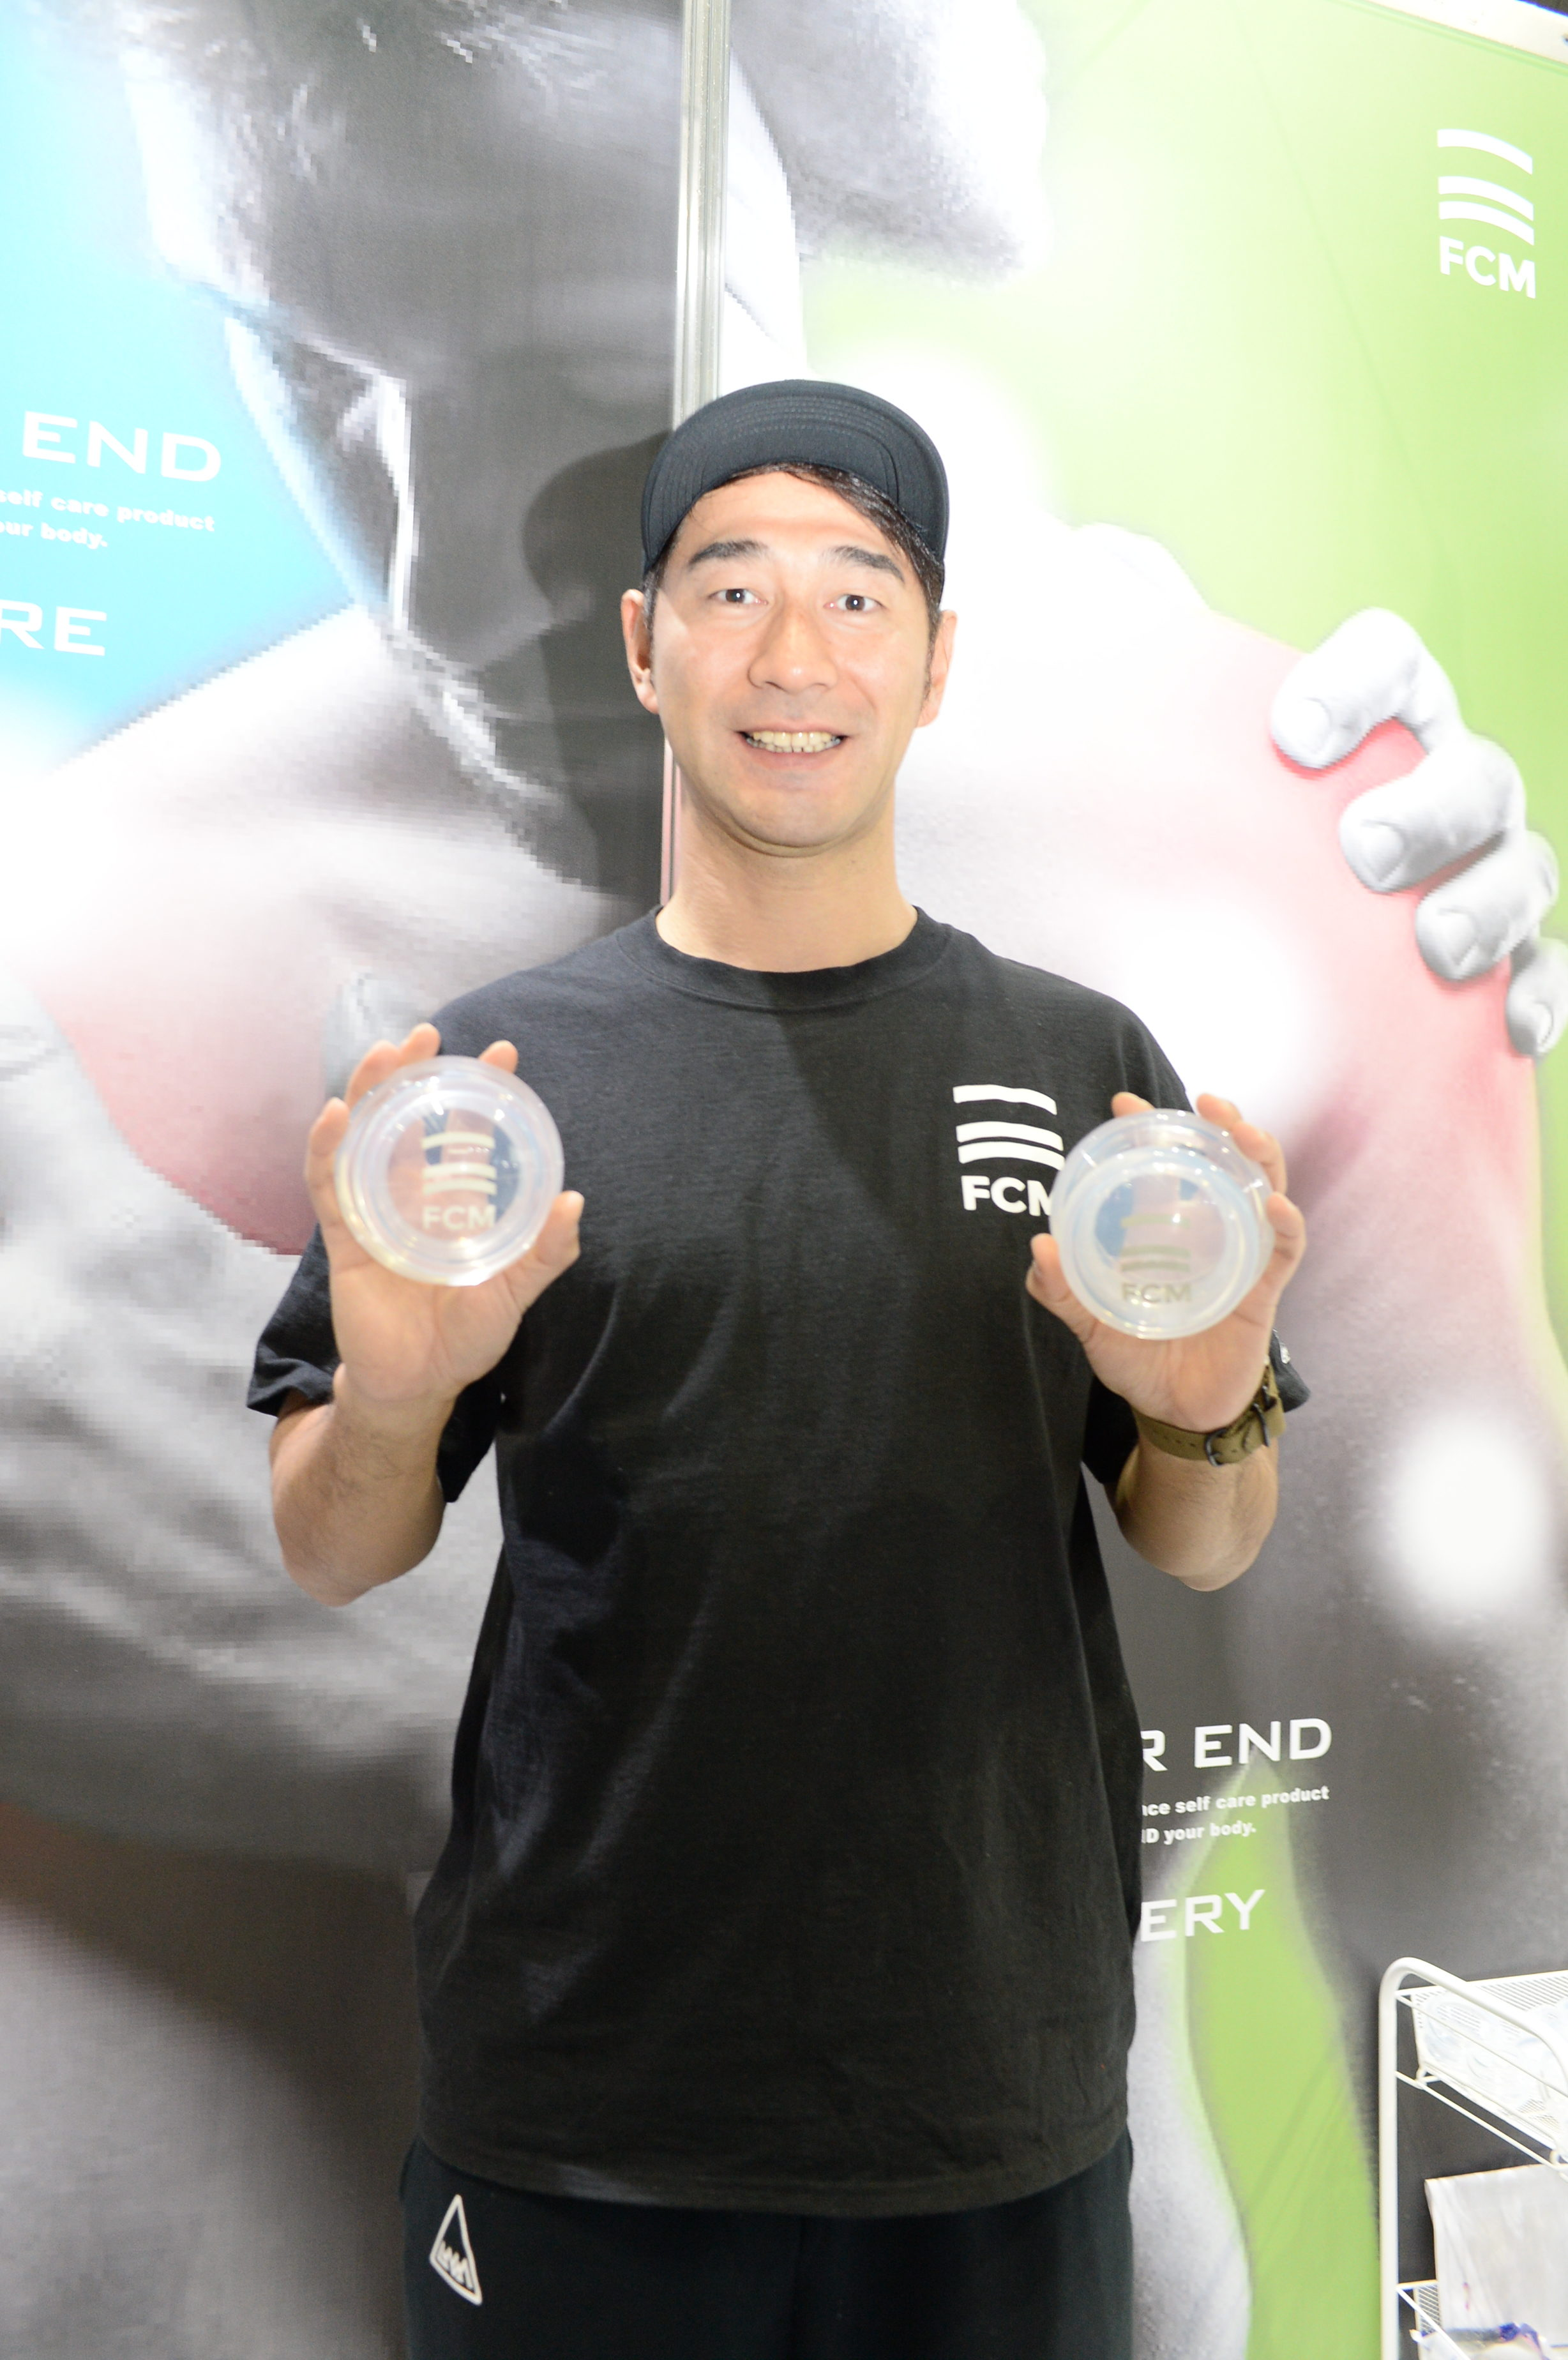 【大阪】2月16日(土)FCMベーシックセミナー上肢編 |講師写真グローバルアスリートサポート協会 [GASA]